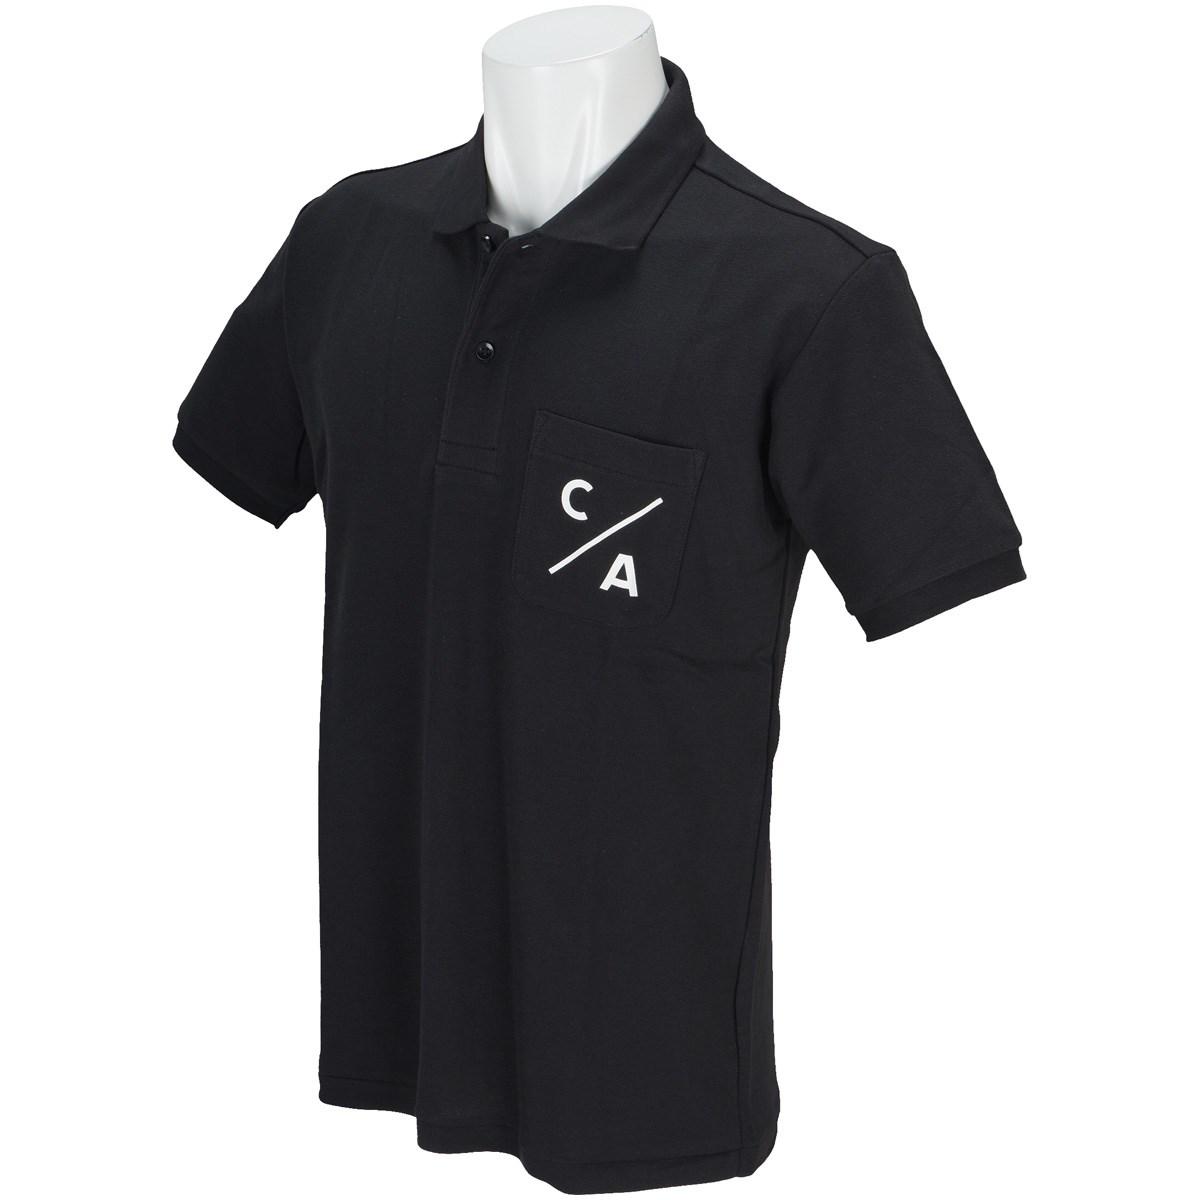 キャプテンズヘルム CAPTAINS HELM 半袖ポロシャツ L ブラック